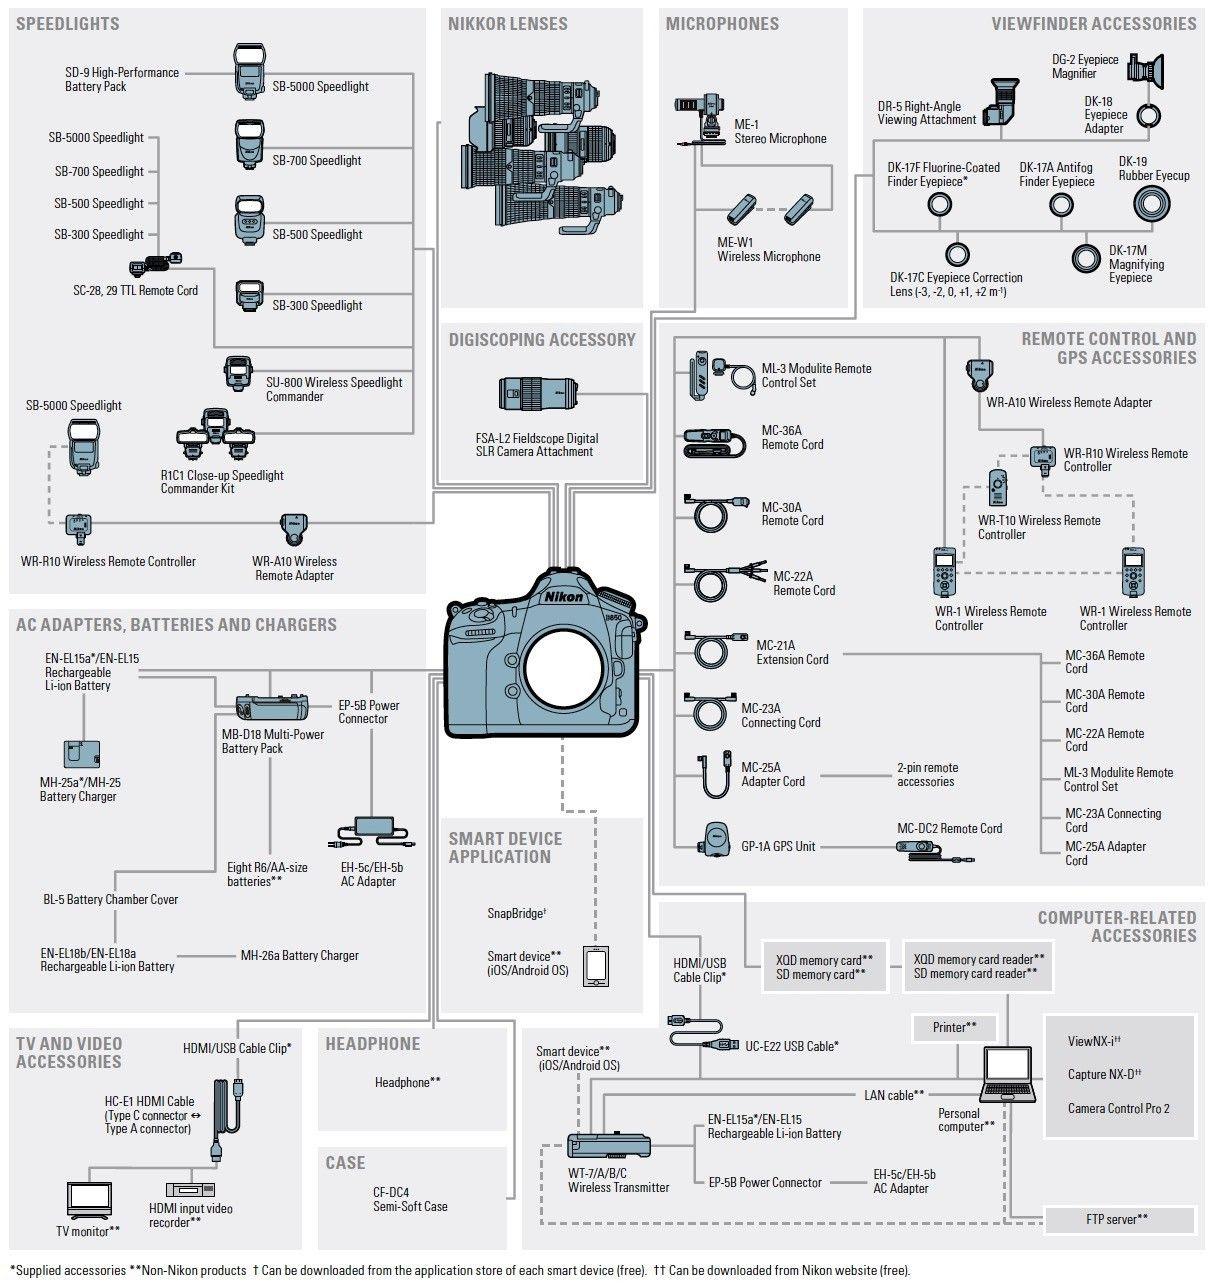 nikon d850 accessories flow chart